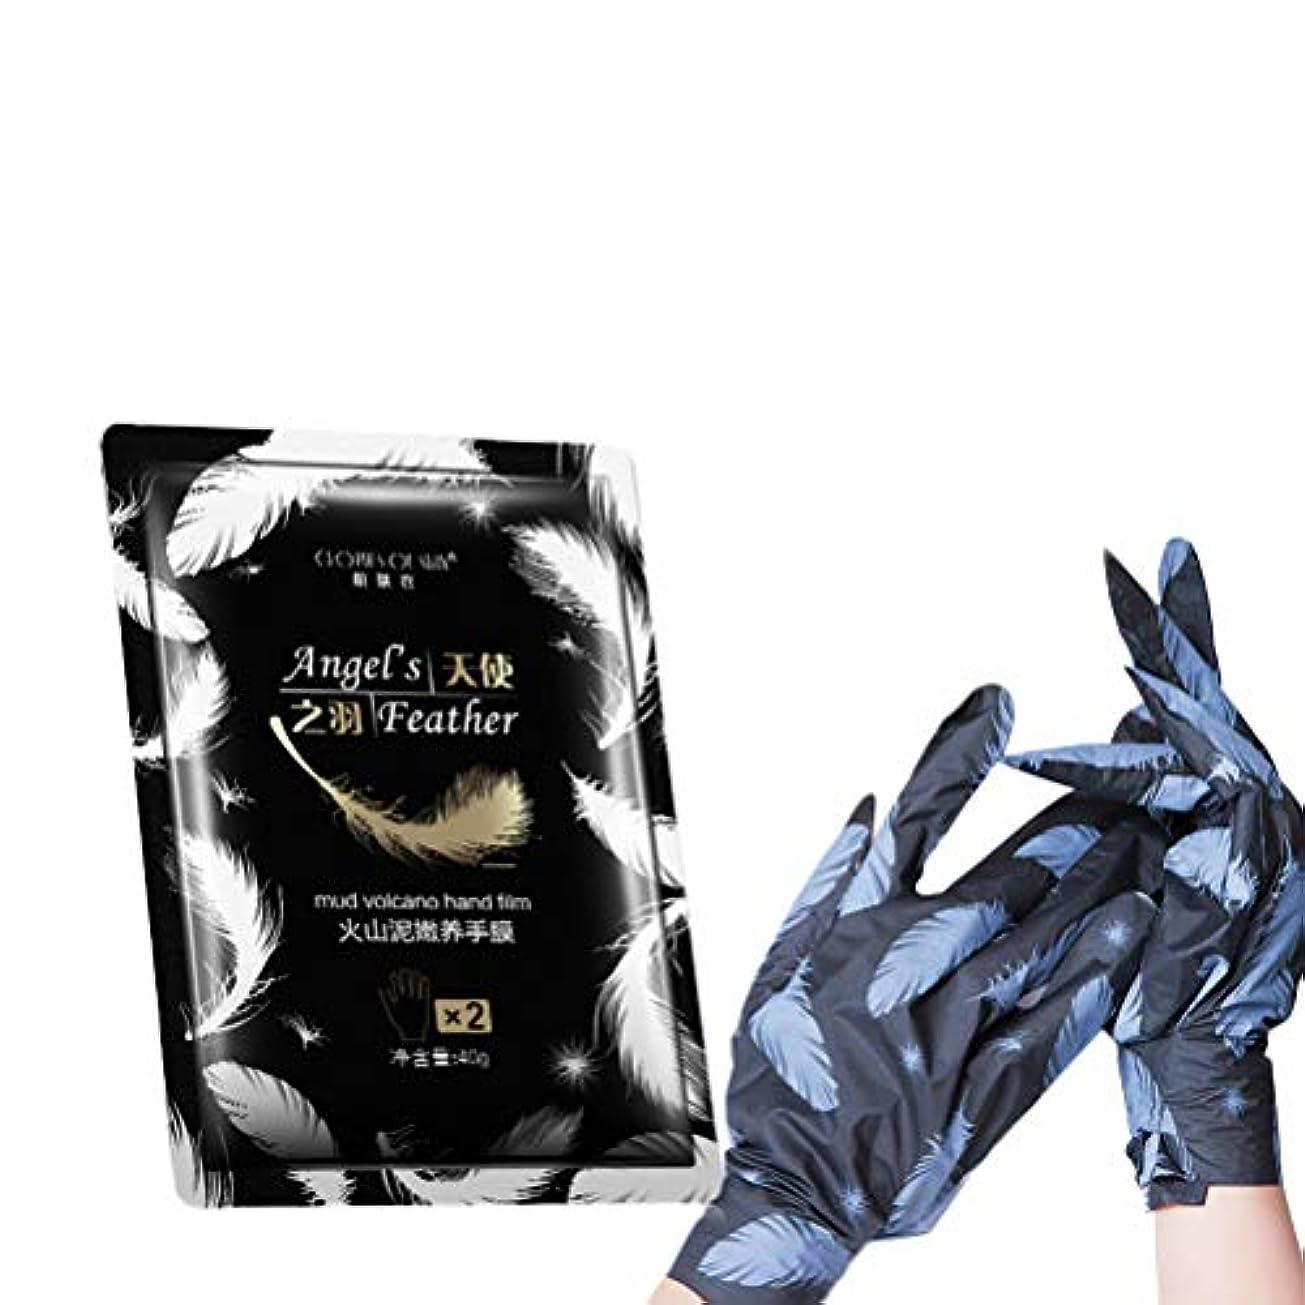 すなわちオーナー作りHealifty ハンドマスク保湿1対の火山泥ハンドマスクホワイトニング剥離ハンドスパマスクキューティクル取り外し手袋